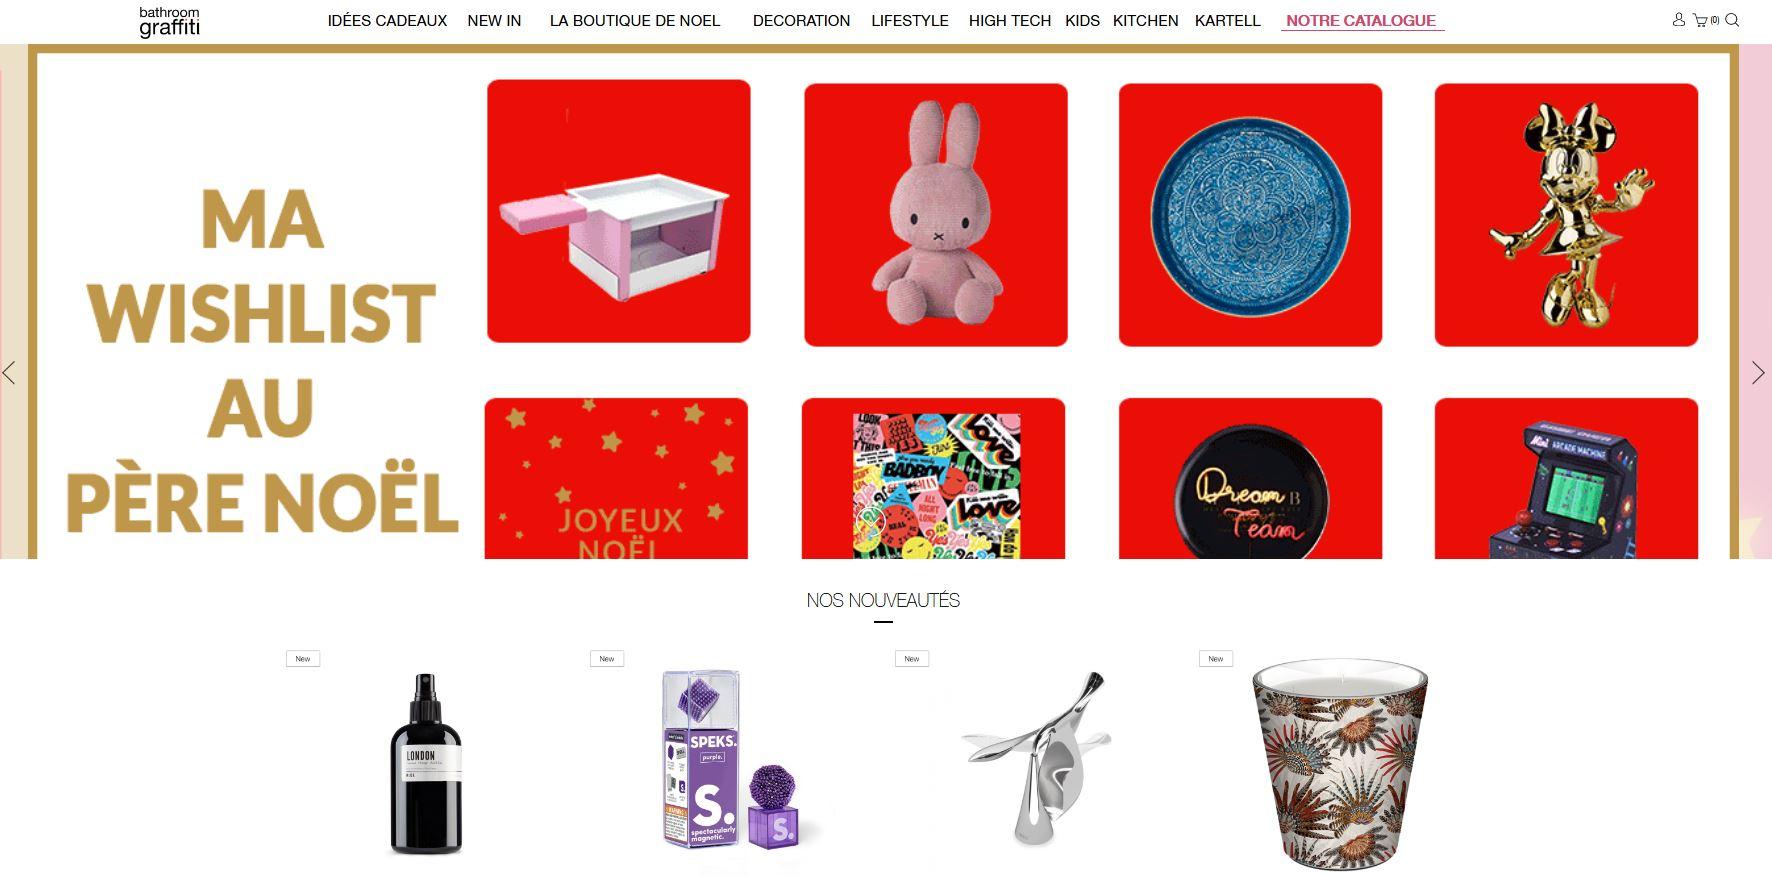 Réalisation e-commerce par Futur Digital boutiques à Paris